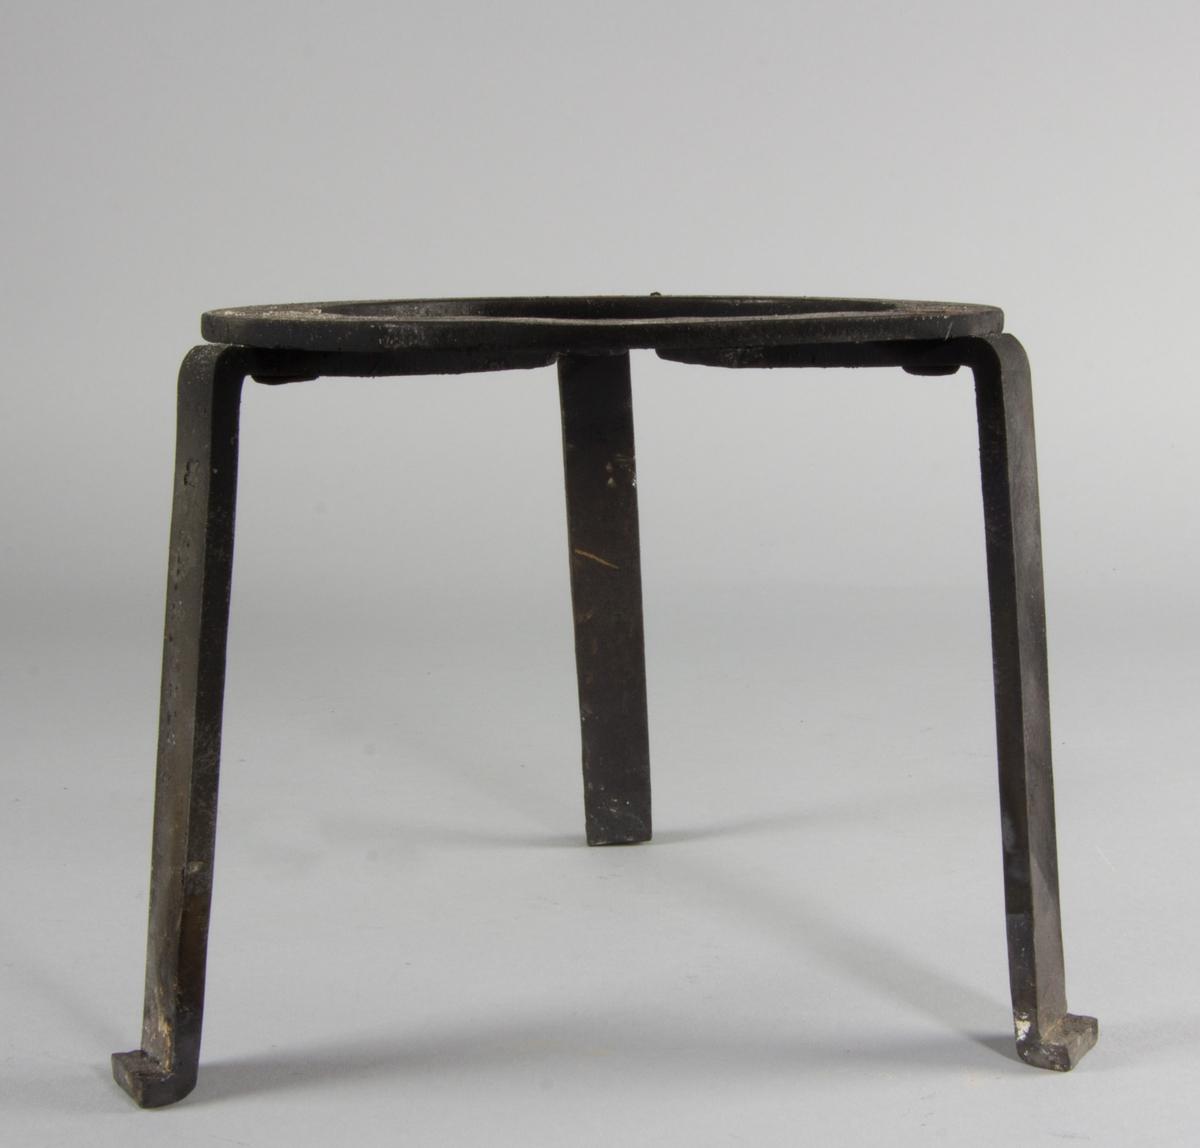 Trefot, smidd av järn. Med tre bockade ben av järn nitade mot en platt ring av järn.